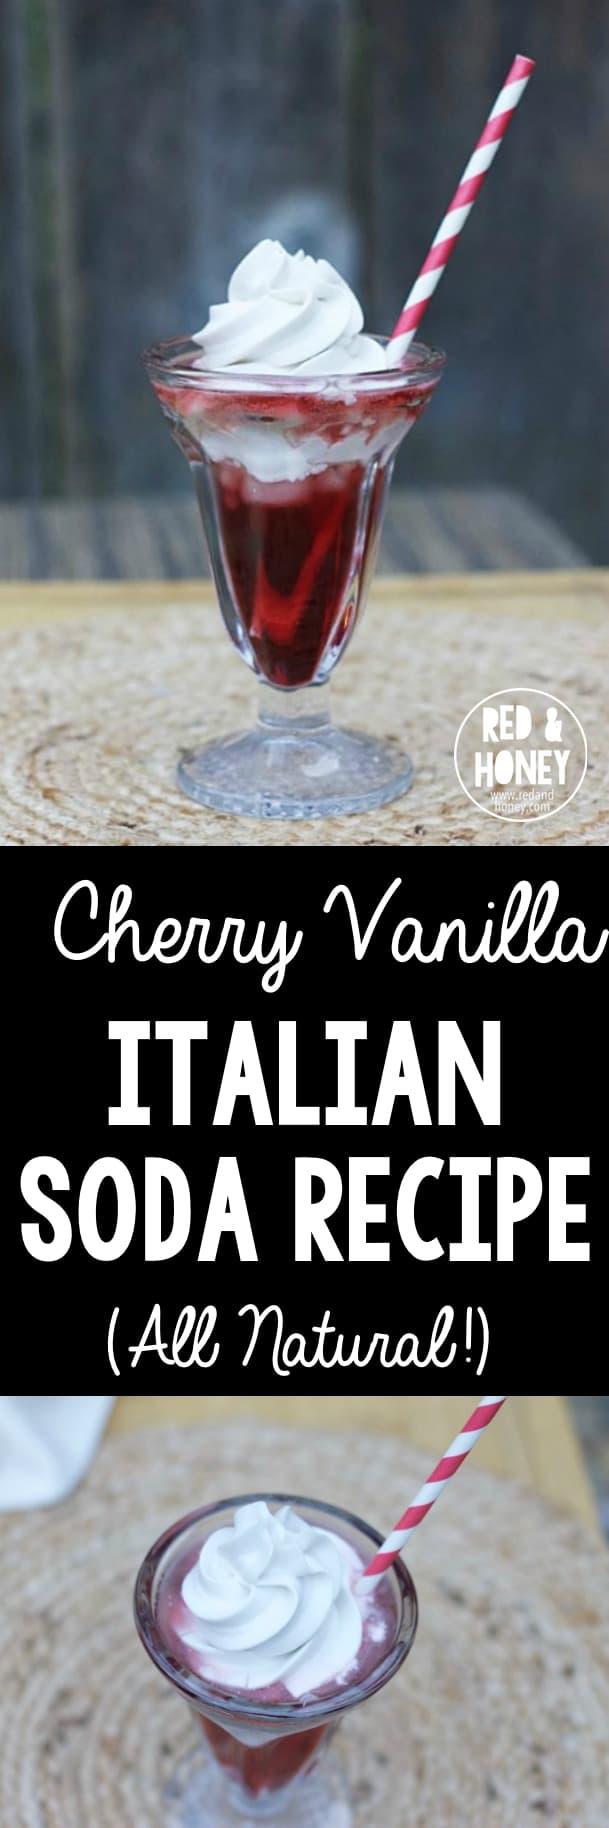 Cherry Vanilla Italian Soda Recipe